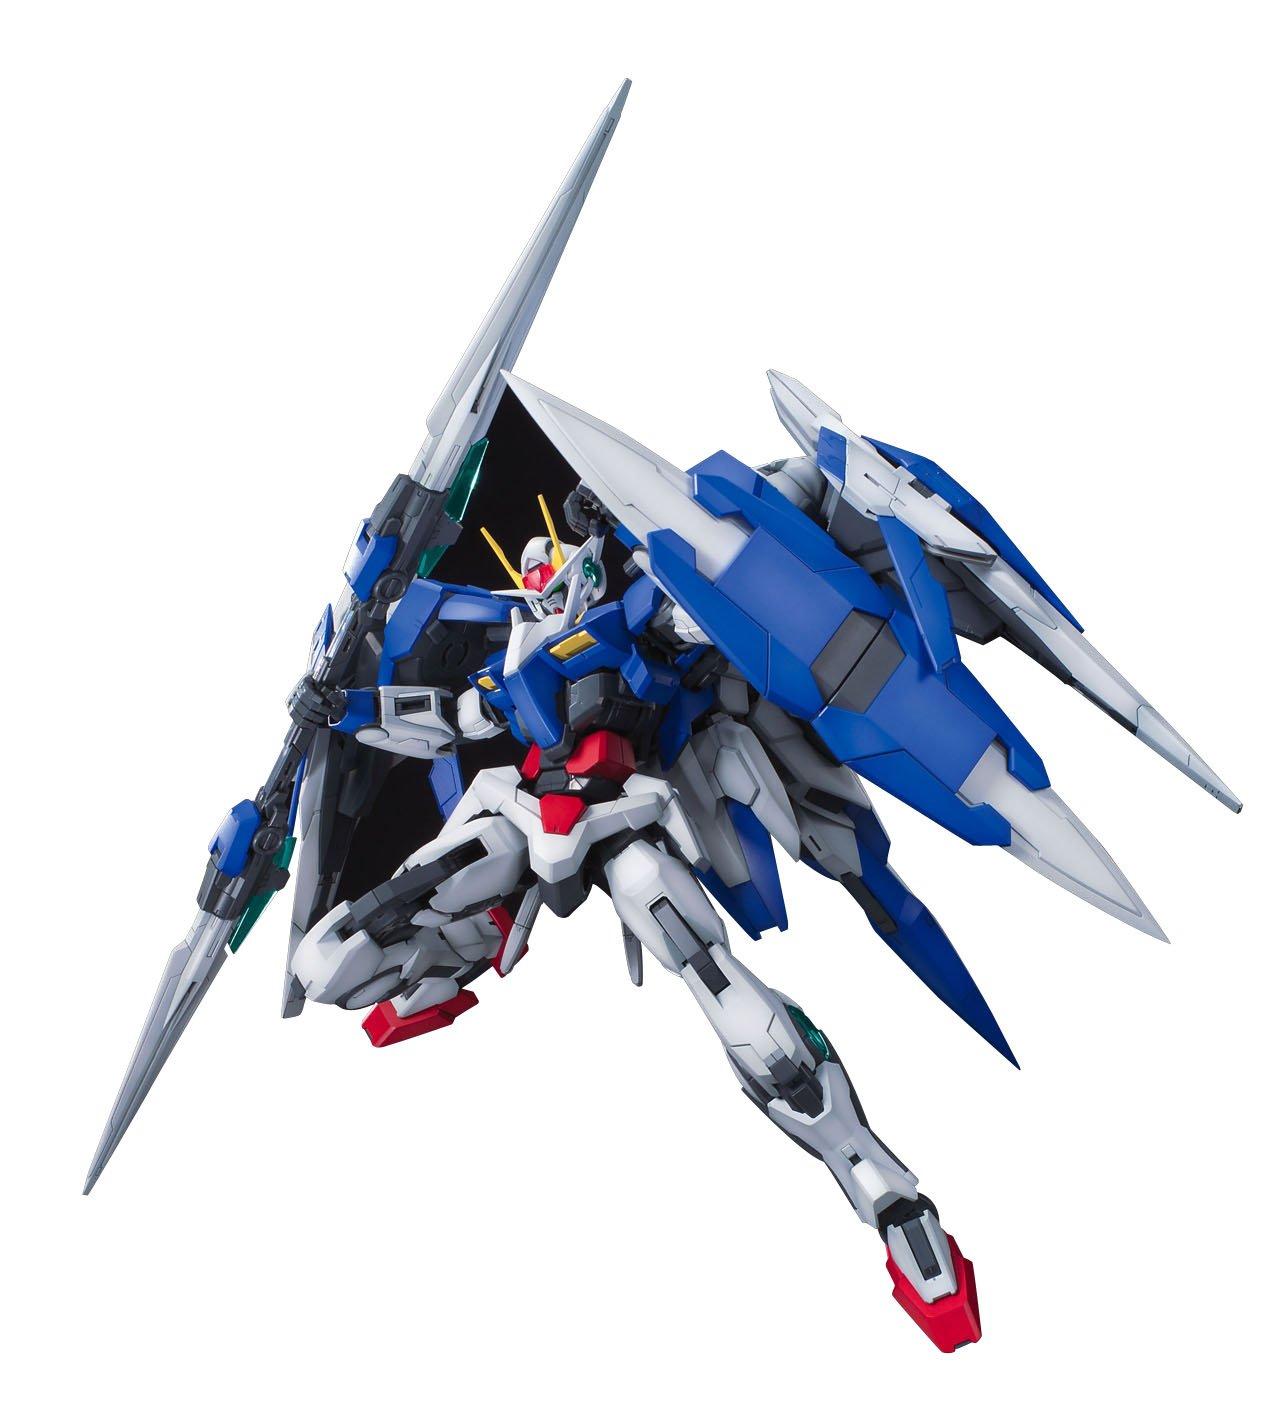 【ダブルオーガンダム】機動戦士ガンダム00シリーズ中最強クラスの機体!